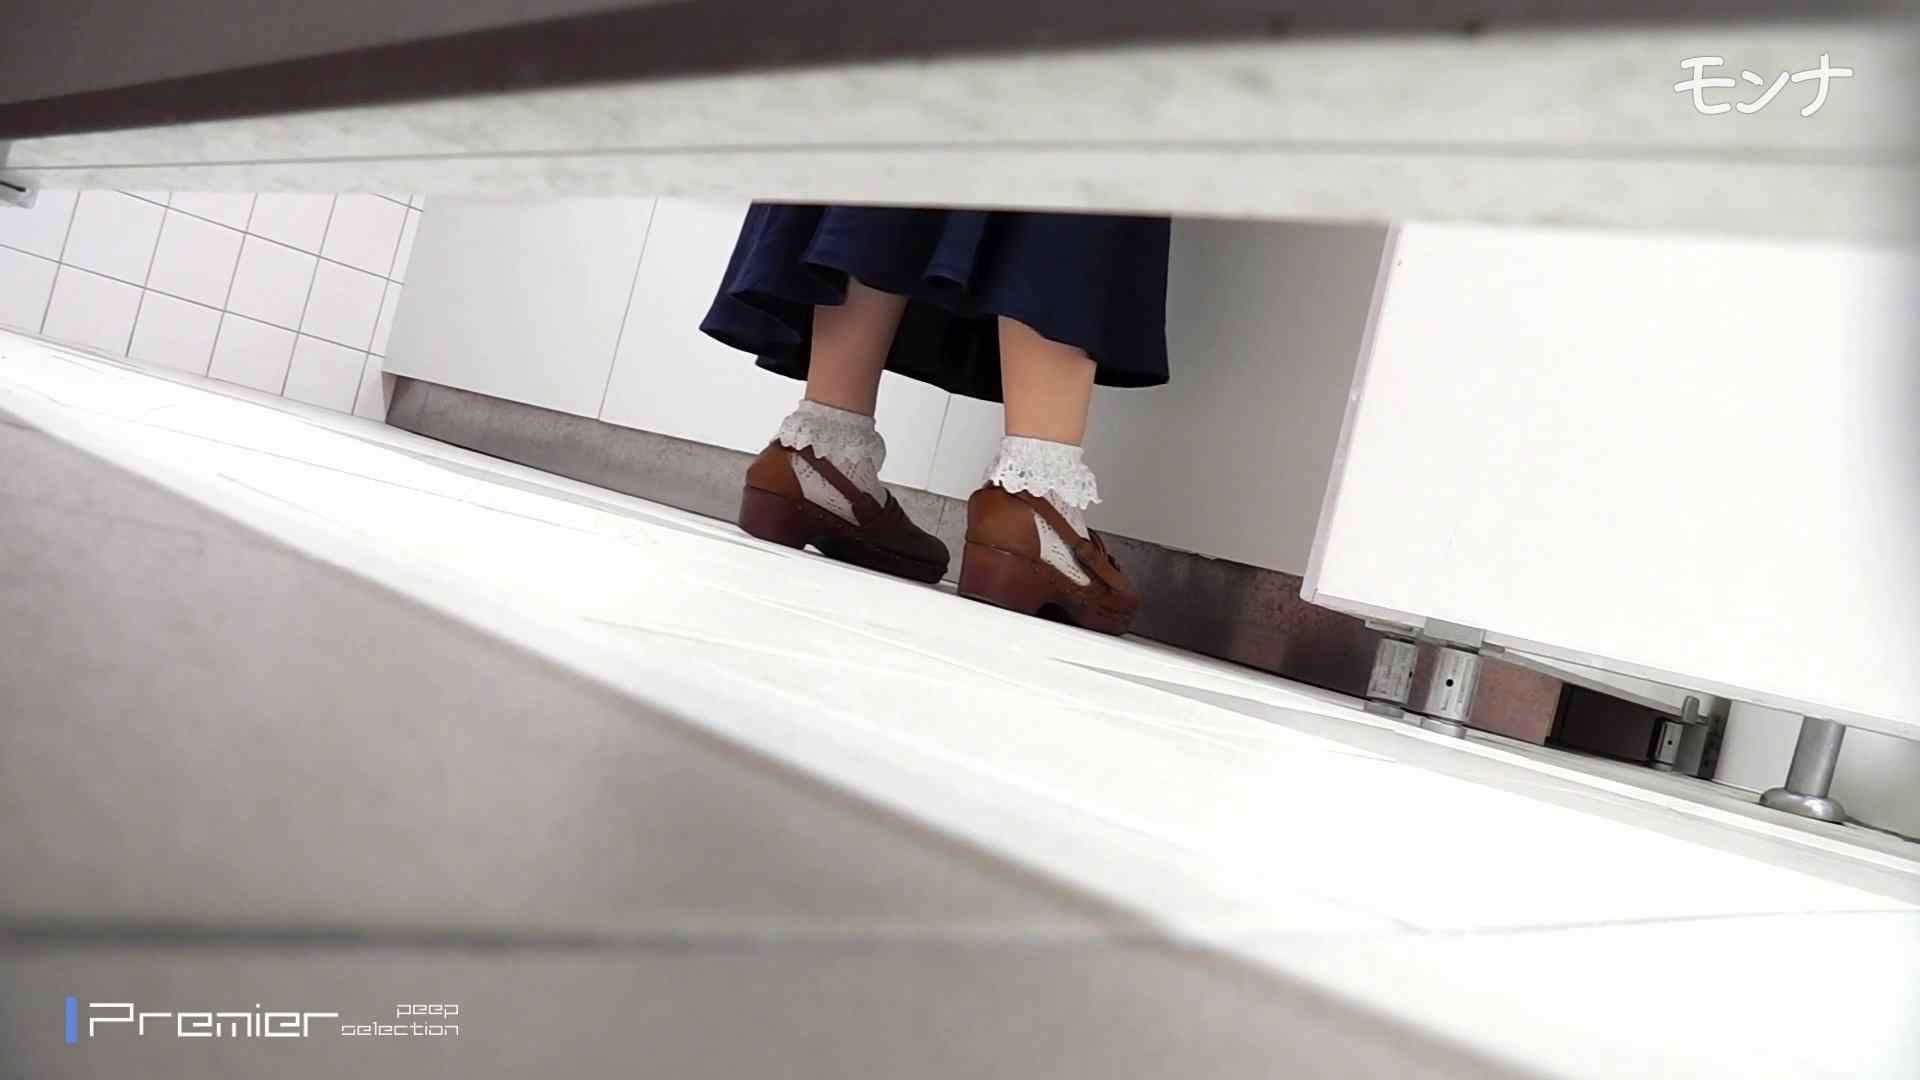 美しい日本の未来 No.55 普通の子たちの日常調長身あり 洗面所シーン 戯れ無修正画像 68画像 22